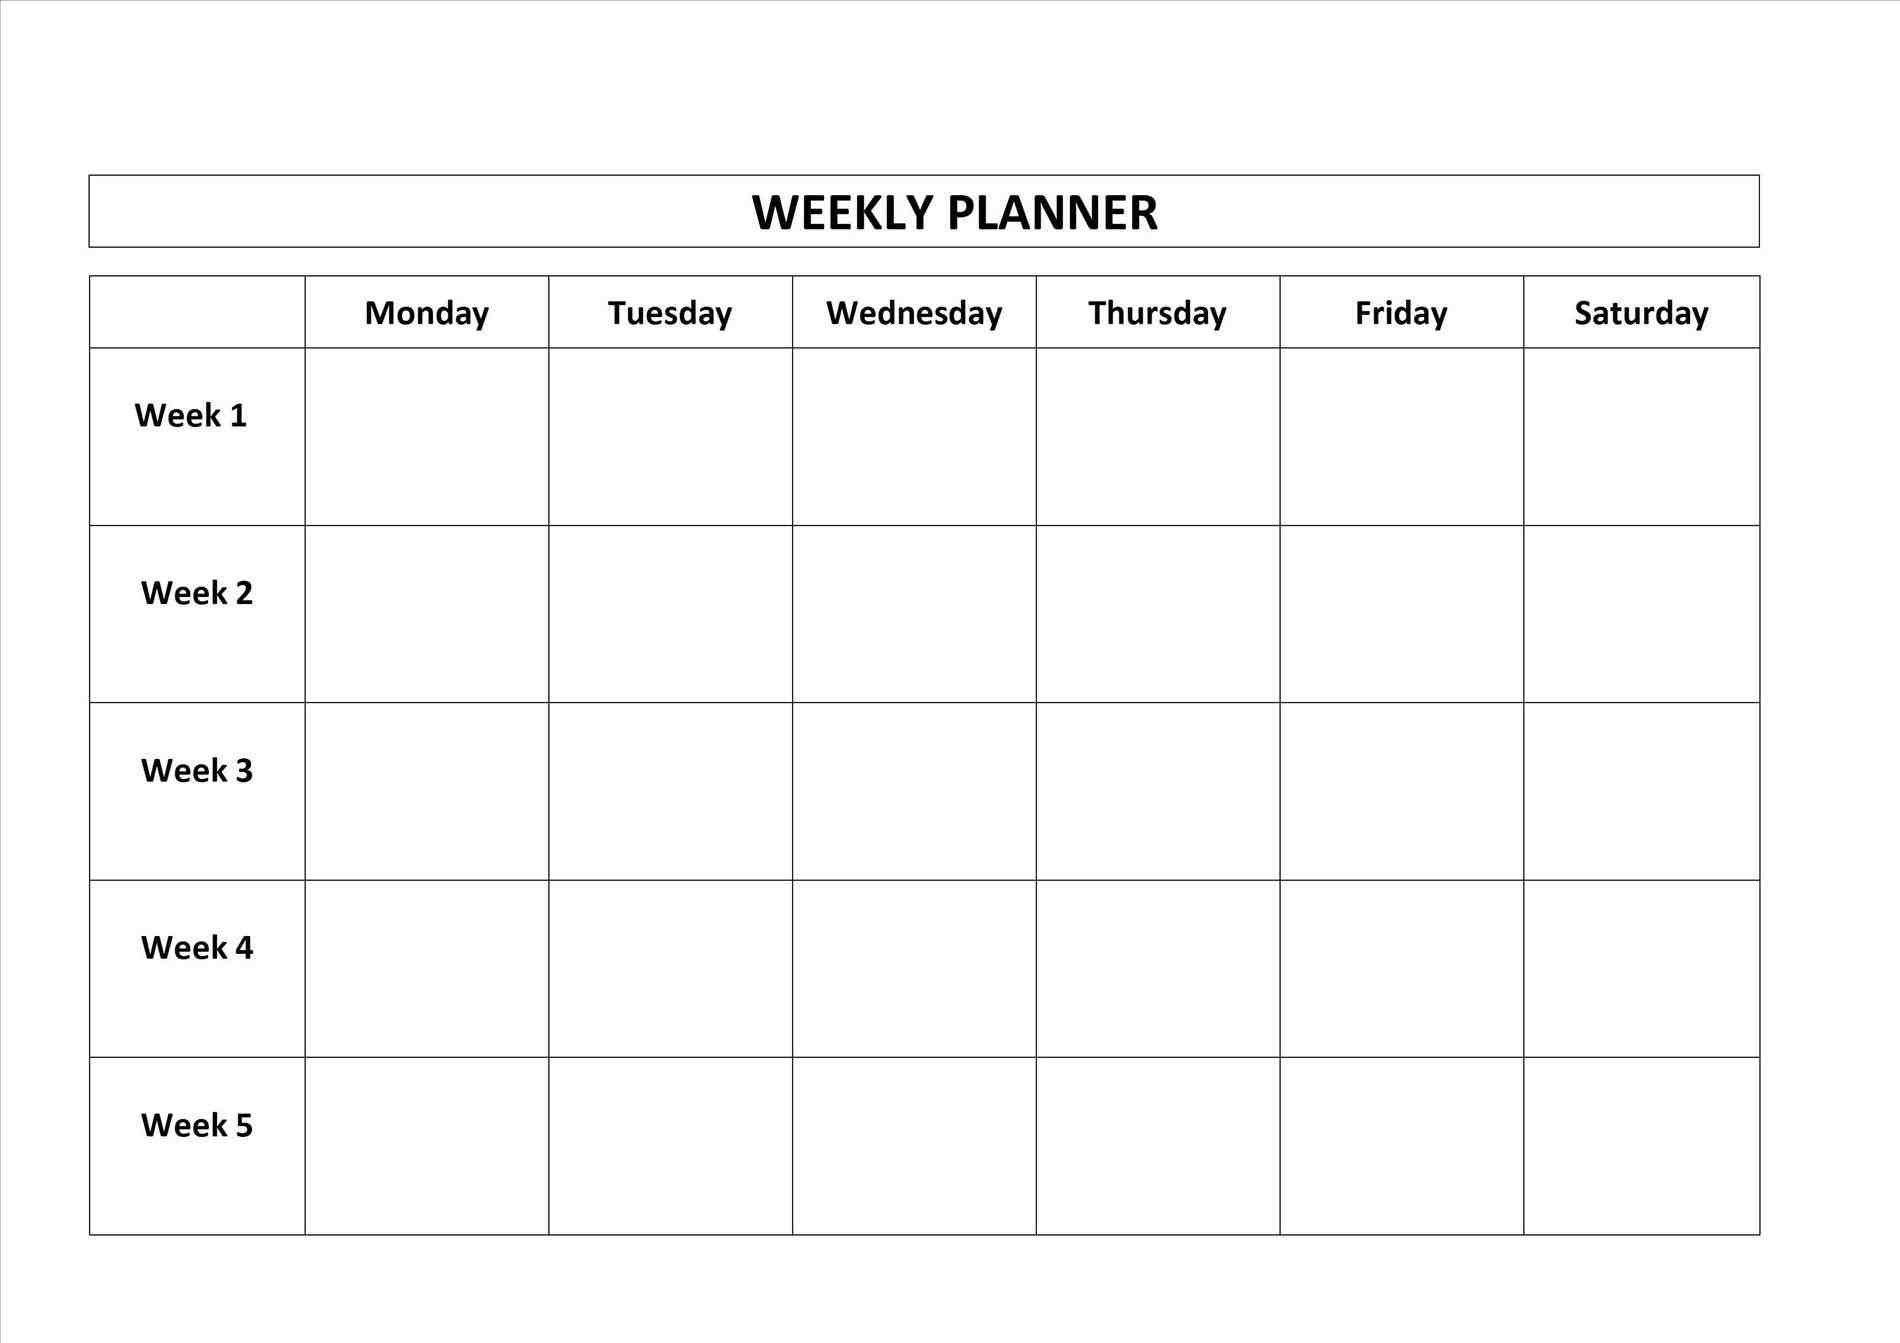 Monday Through Friday Blank Calendar Template - Calendar Calendar Template Monday To Friday